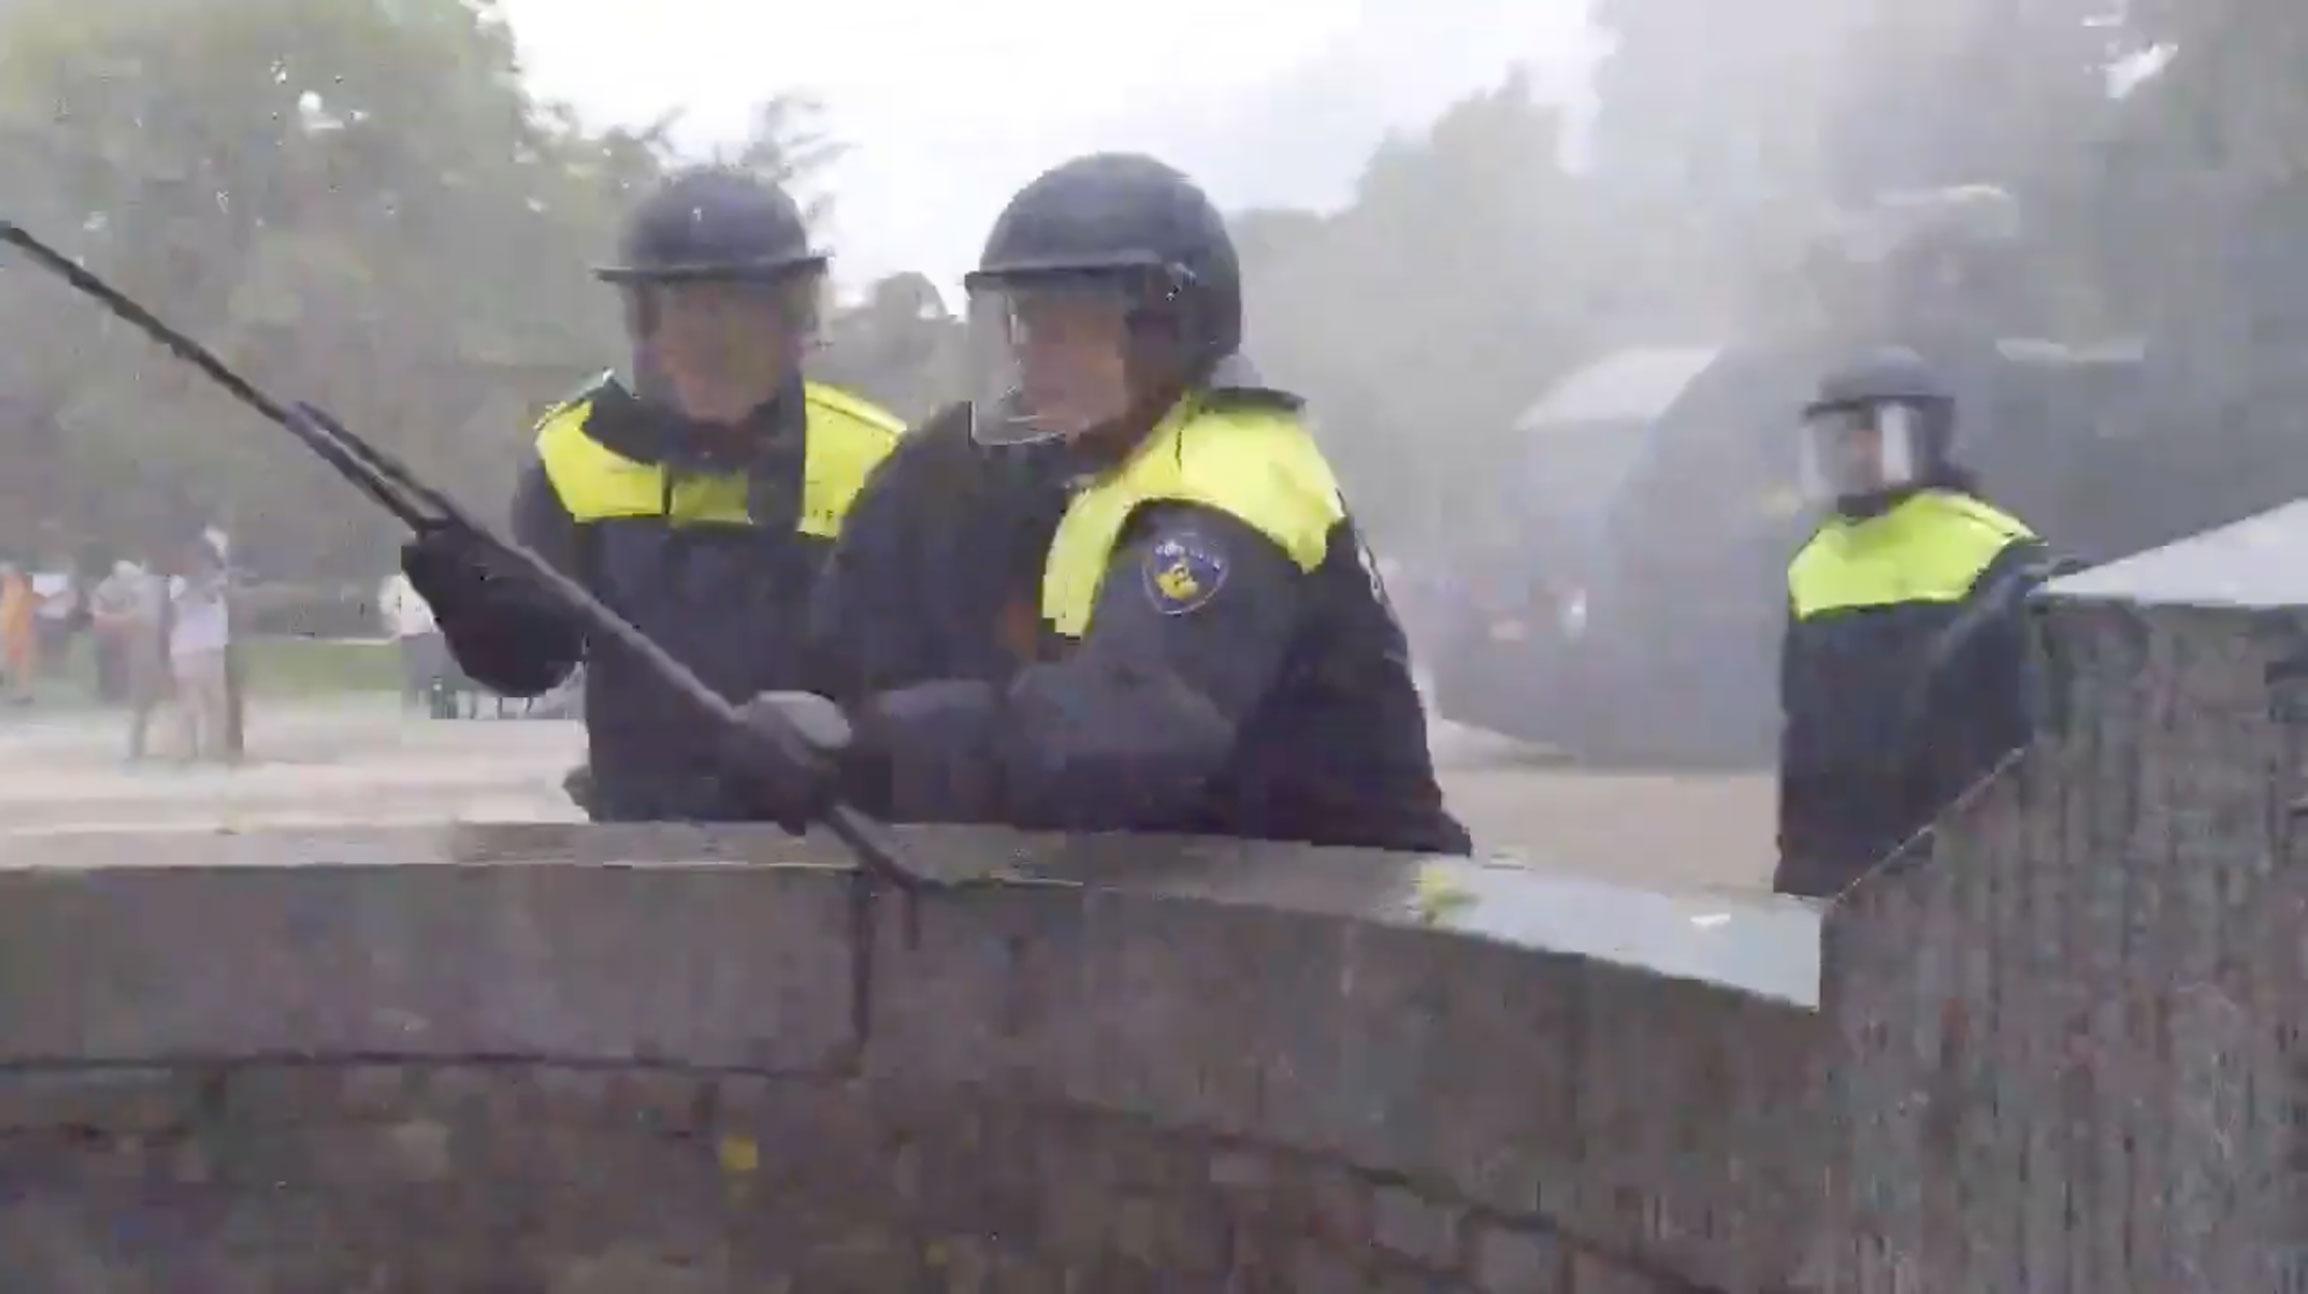 Νέα επεισόδια λόγω κορονοϊού! Συλλήψεις, πετροπόλεμος και… εκτοξευτήρες νερού στη Χάγη